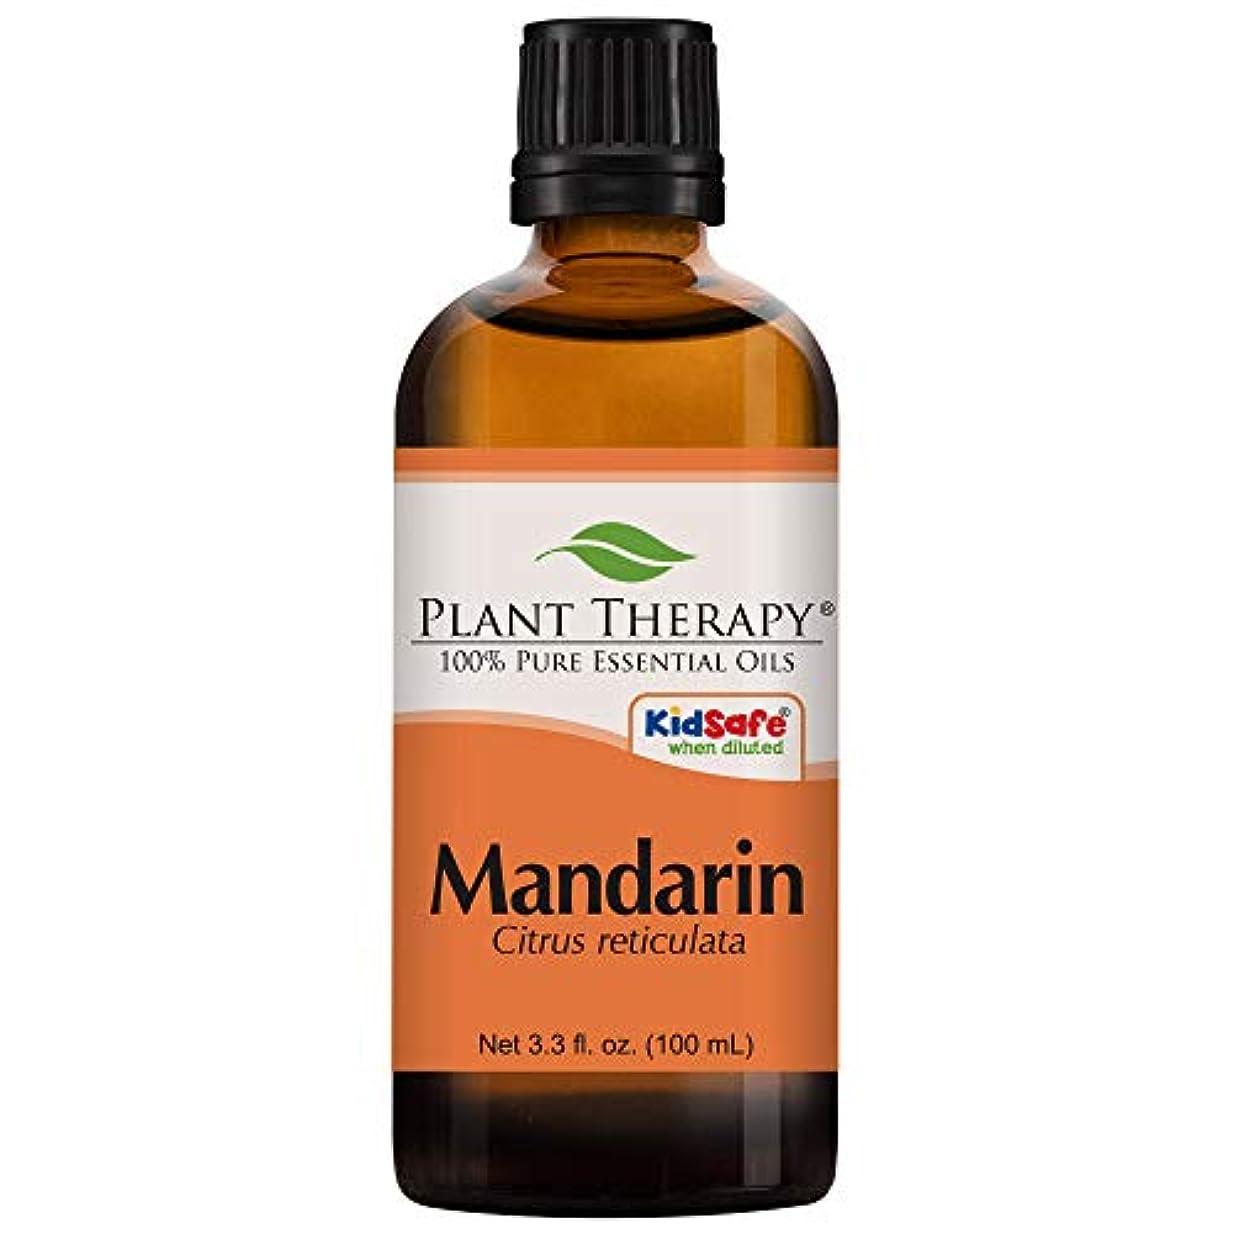 ラダ同化する抵抗力があるPlant Therapy Mandarin Orange Essential Oil. 100 ml (3.3 oz) 100% Pure & Undiluted for Aromatherapy, Massage, and Diffuser.